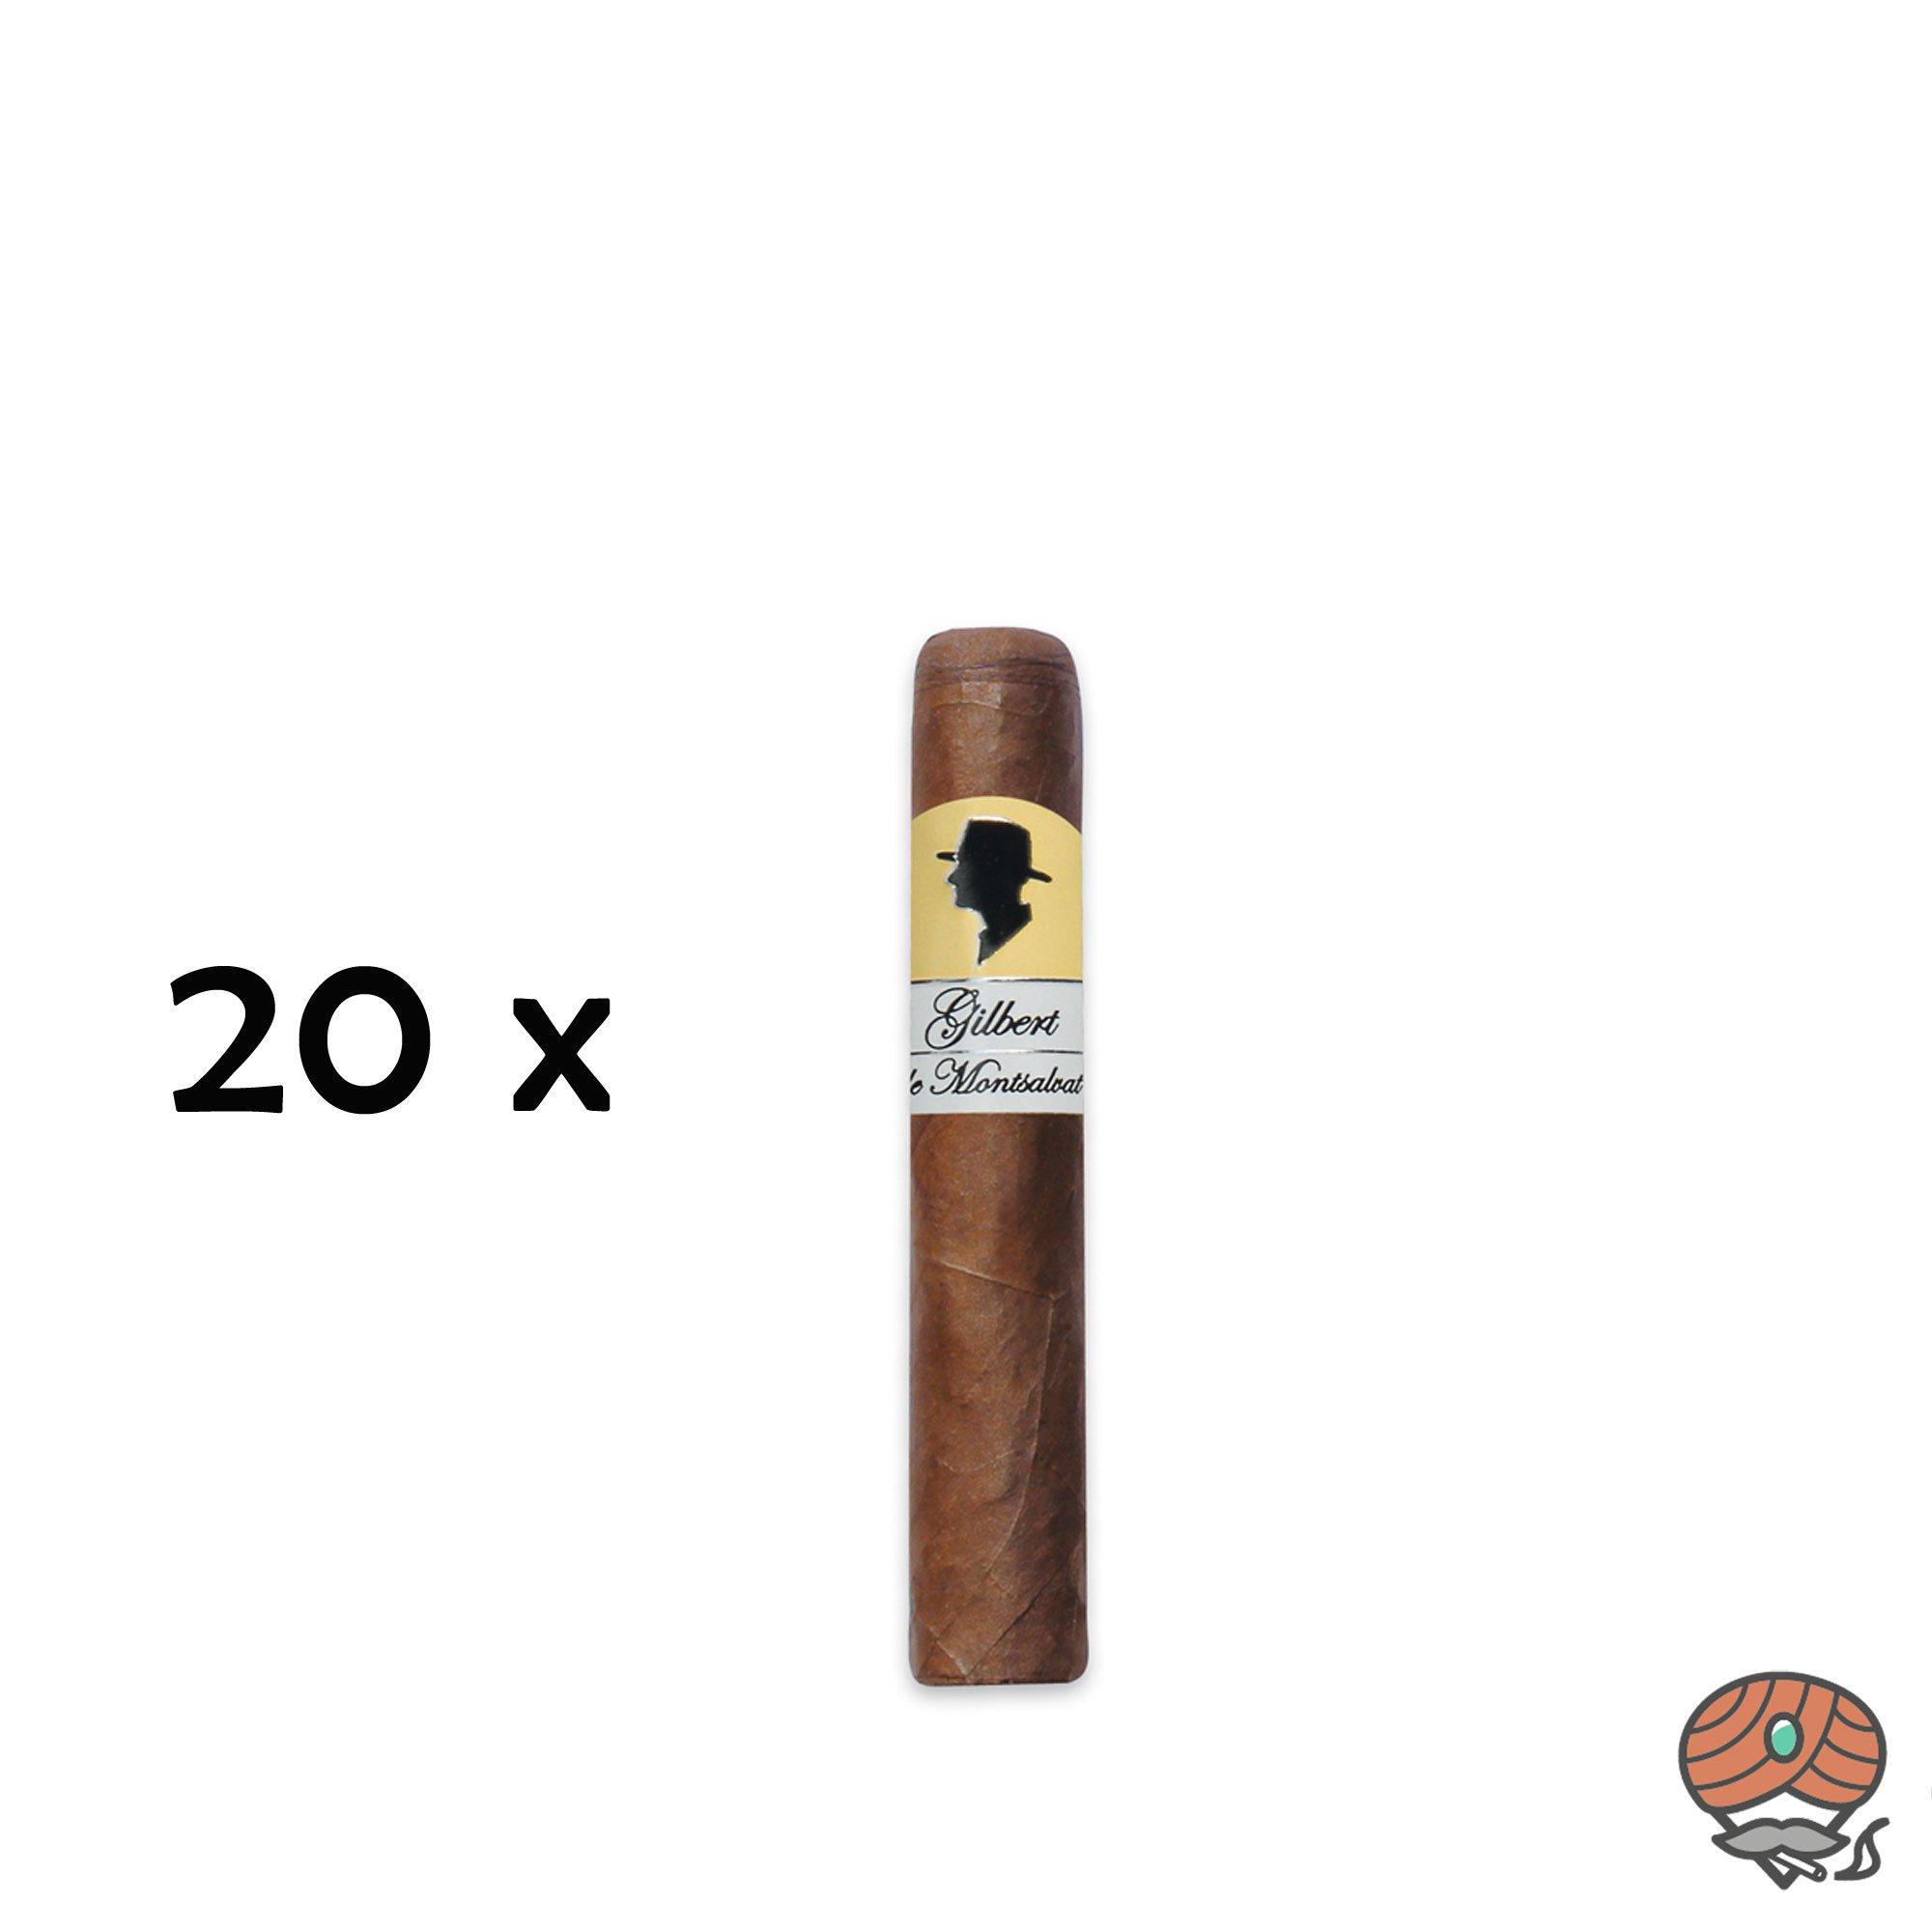 Gilbert de Montsalvat Perla Zigarre Revolution Style 20er Kiste